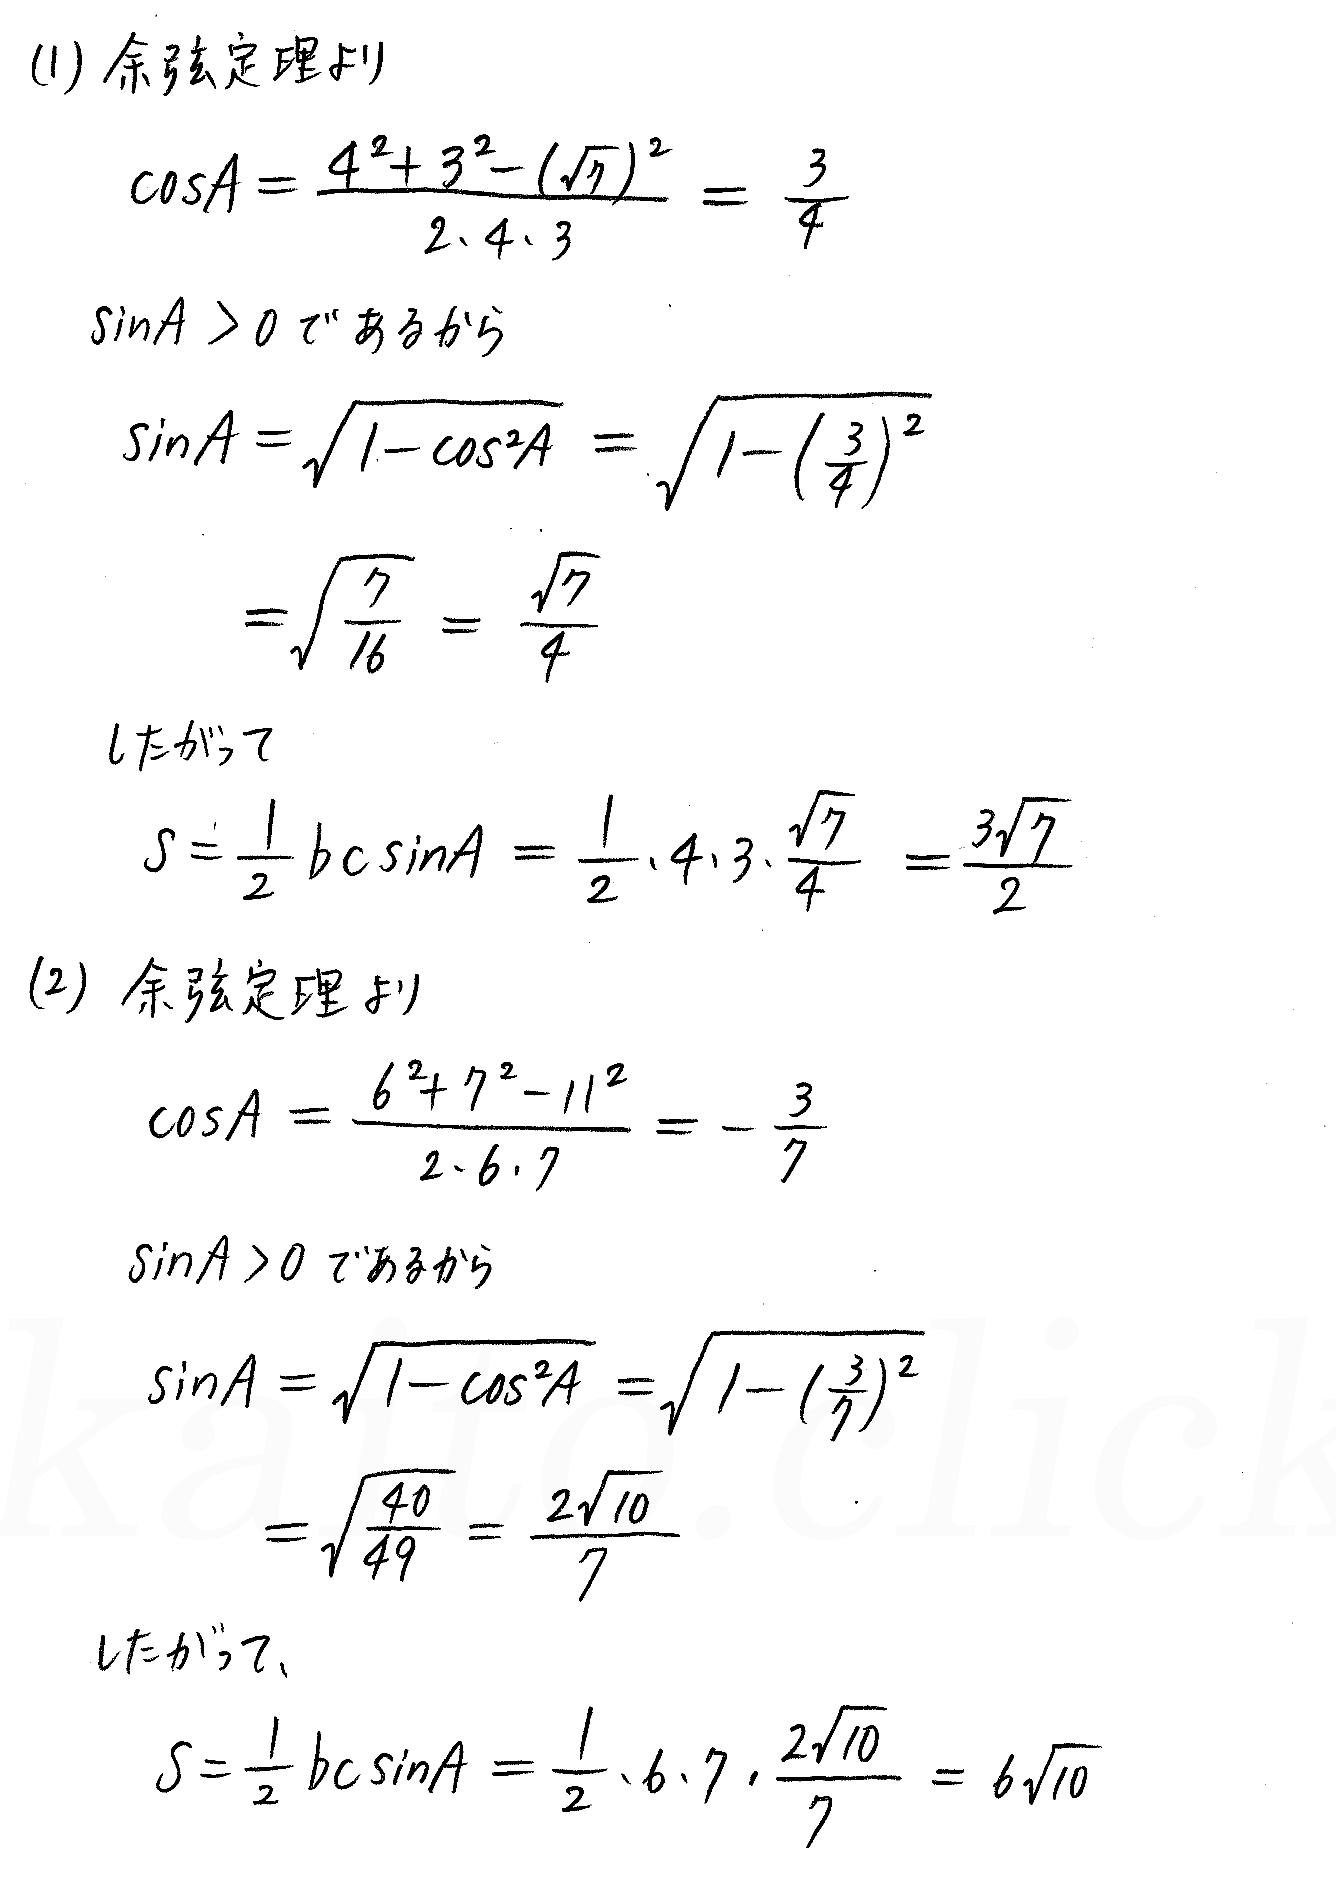 クリアー数学1-311解答